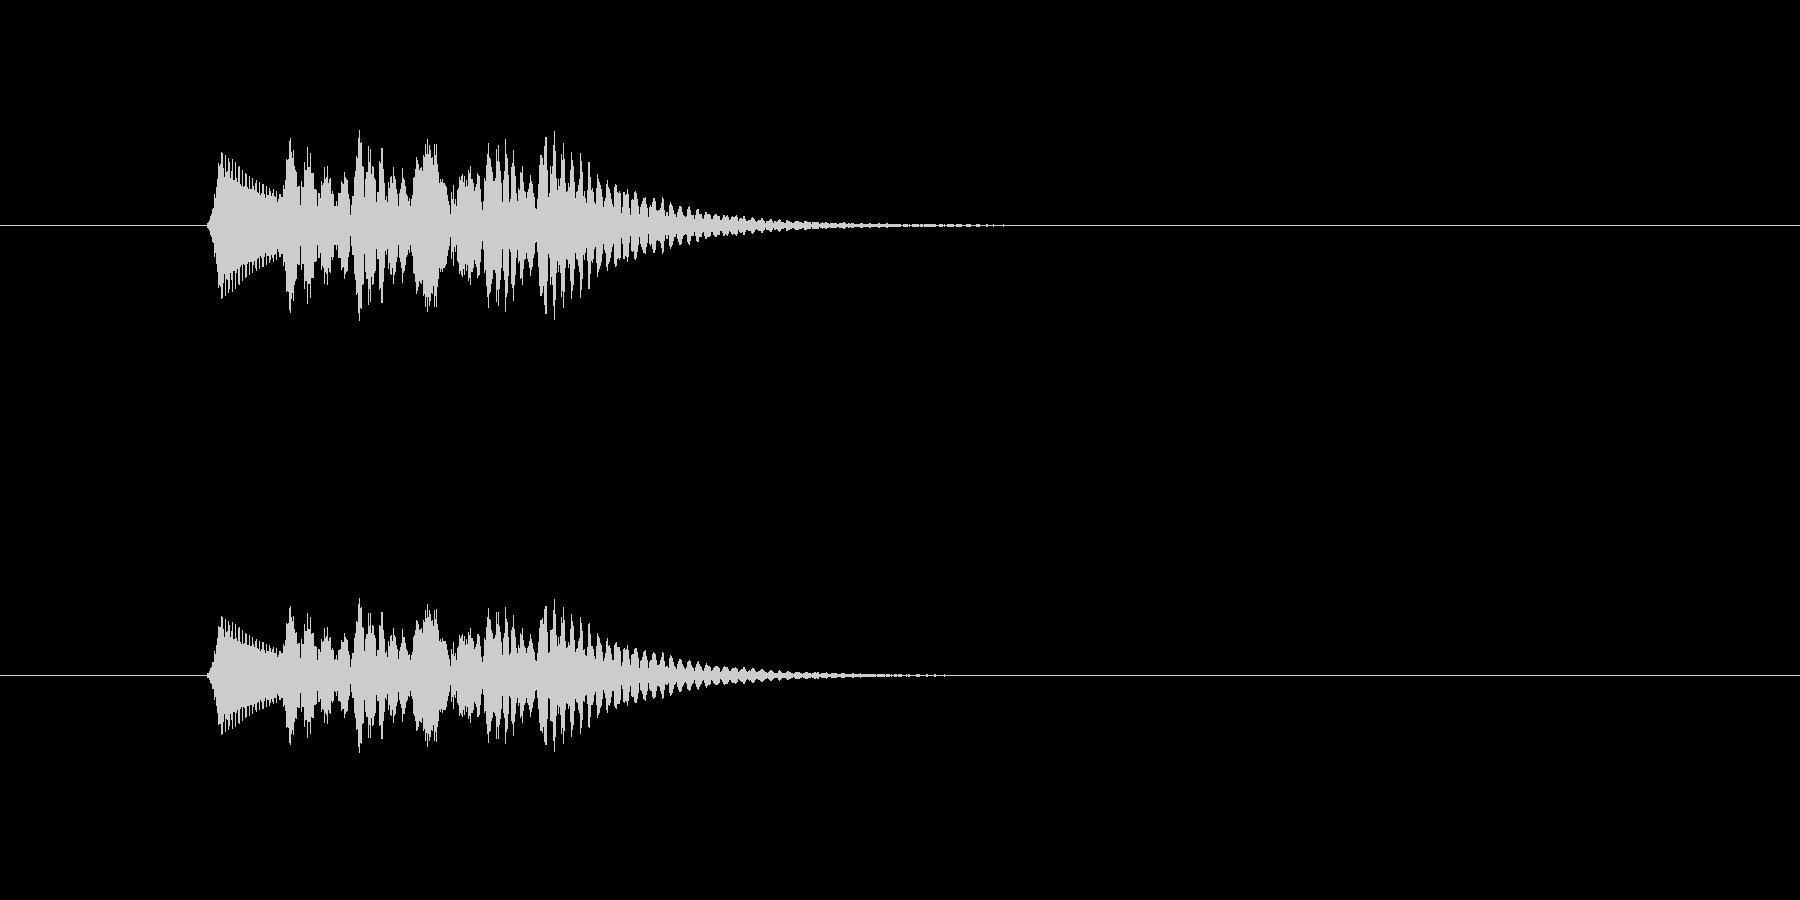 ポロロロロン(ピアノの音)の未再生の波形